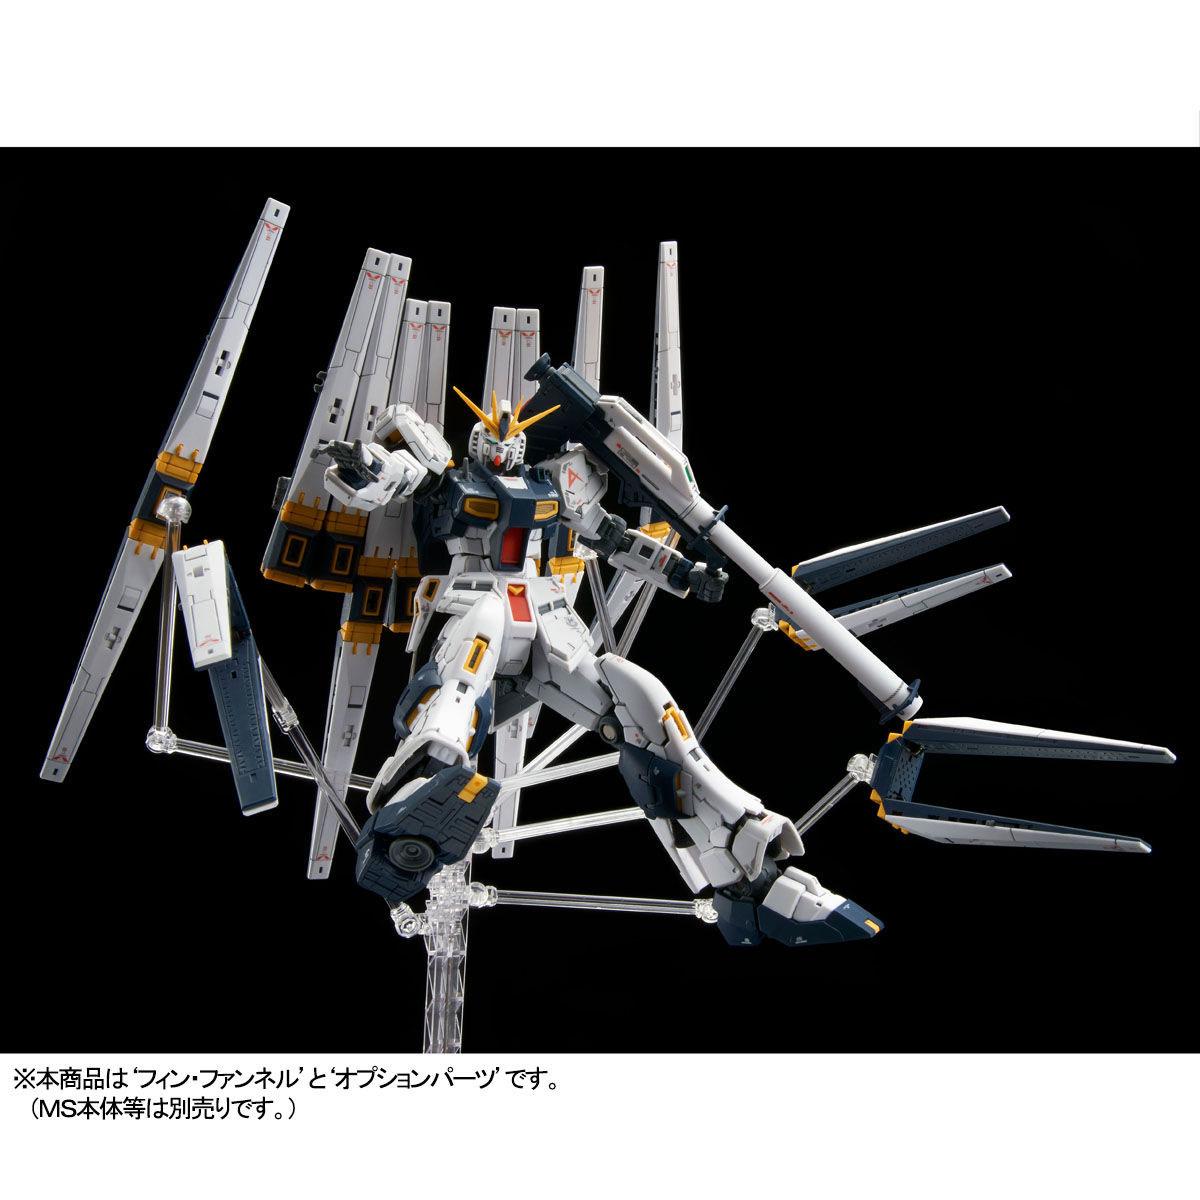 RG 1/144『νガンダム用ダブル・フィン・ファンネル拡張ユニット』逆襲のシャア プラモデル-006